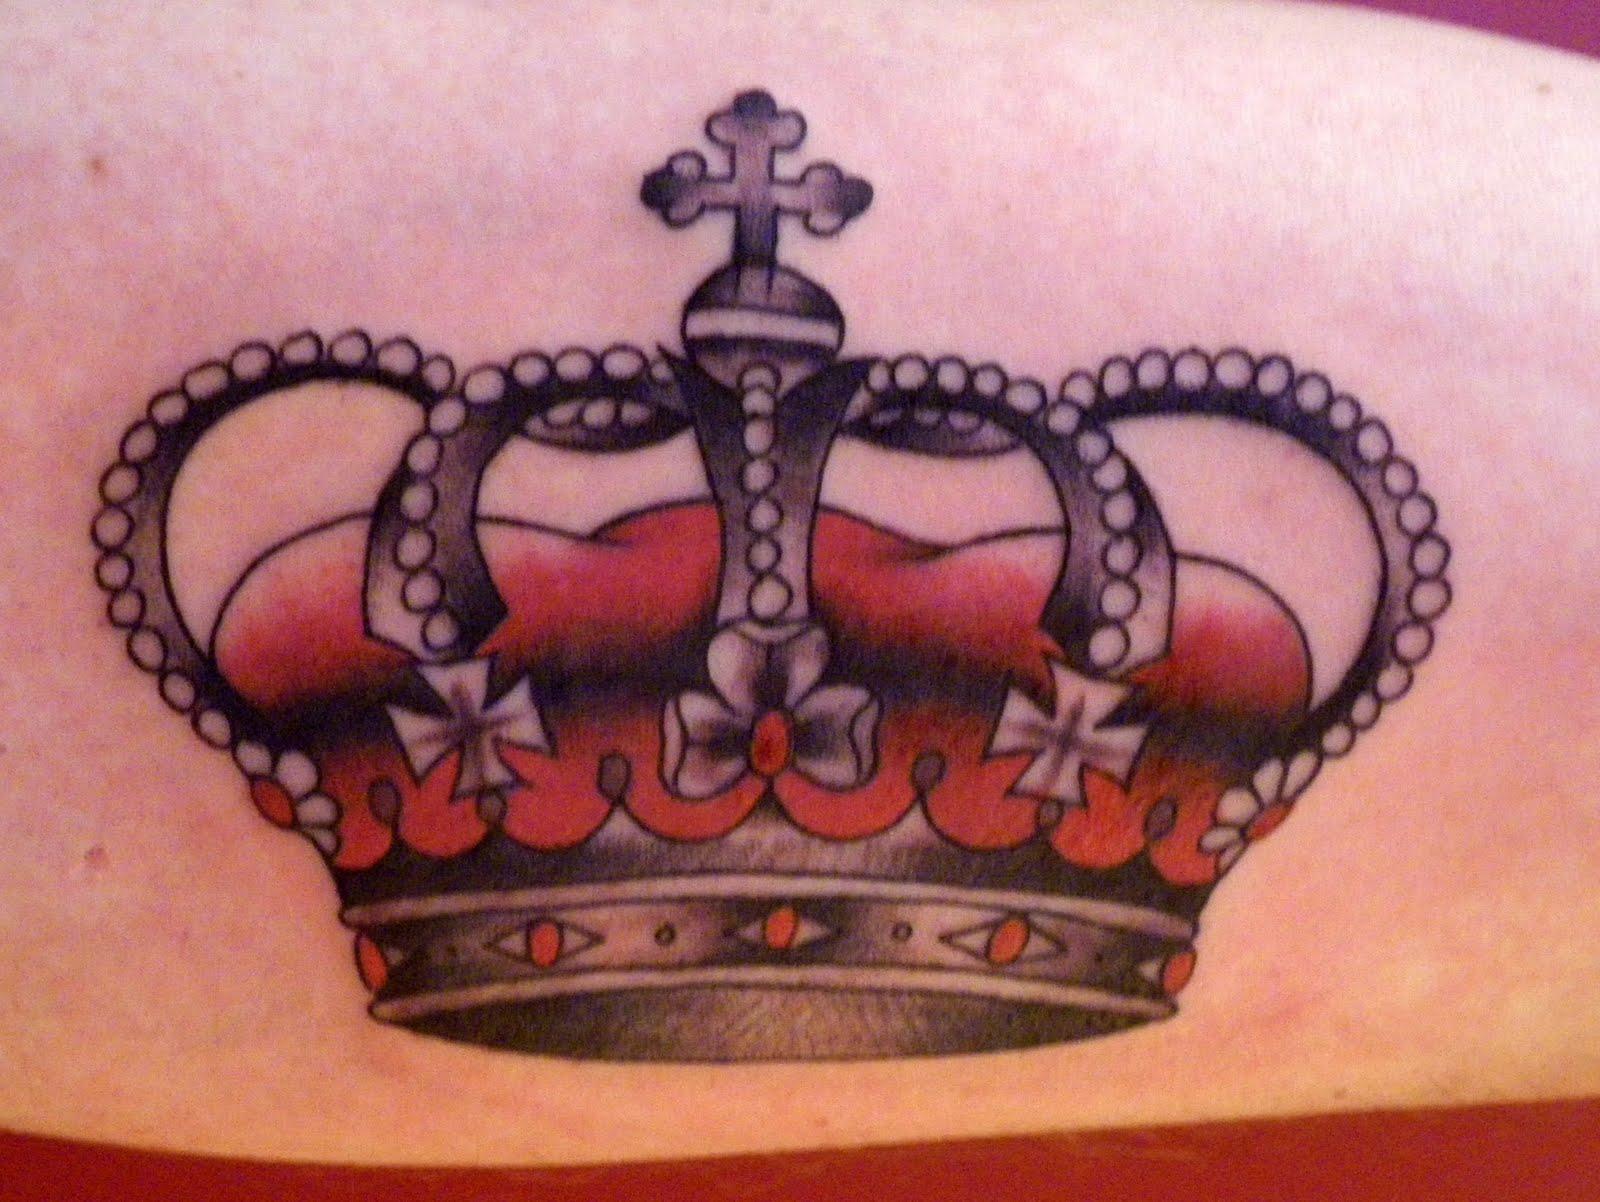 Татуировки с коронами - Фото татуировок - Татуировки 19